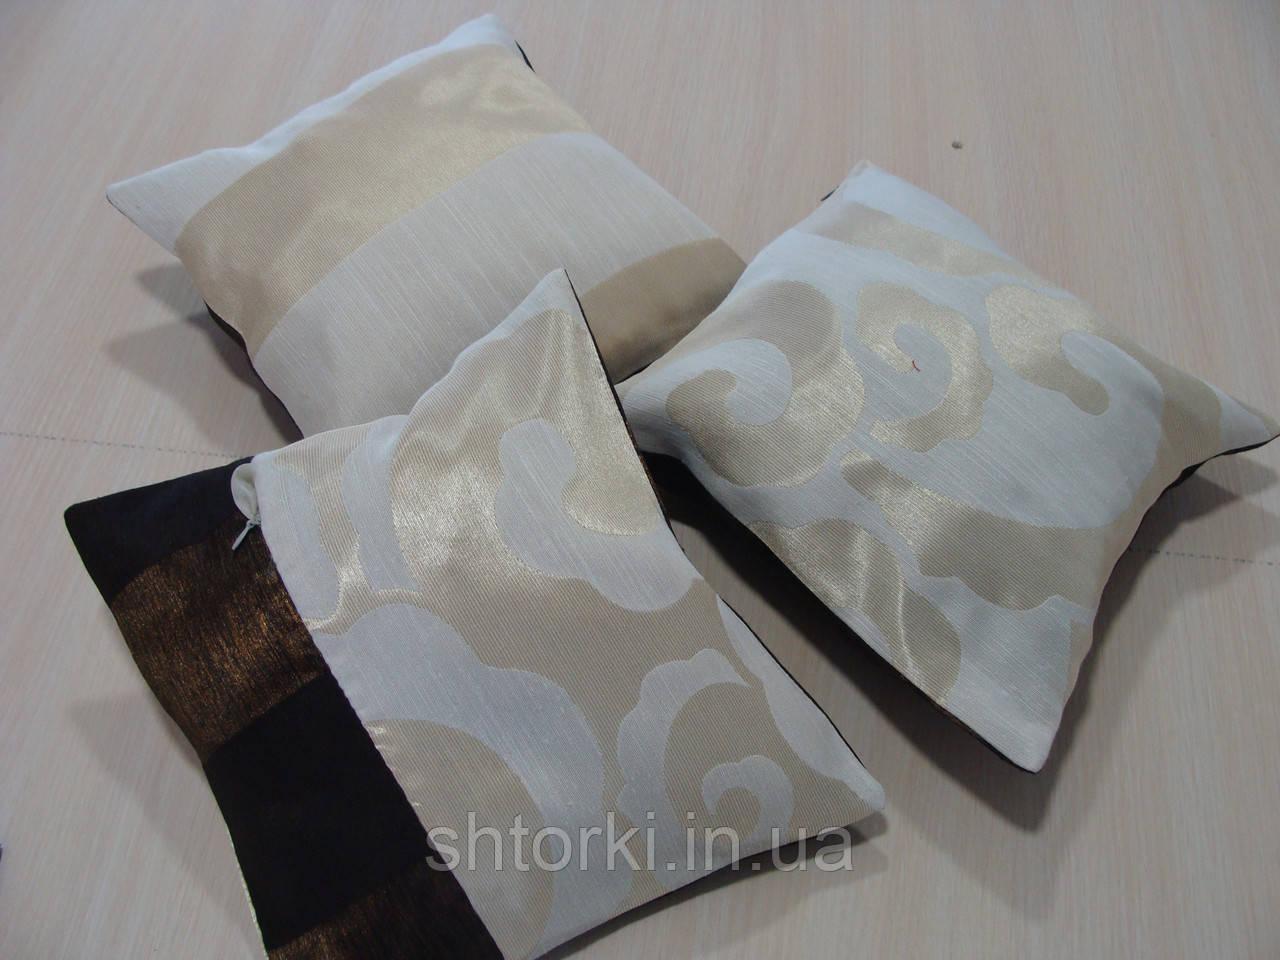 Комплект подушек коричневый и кремовый узор, 3шт